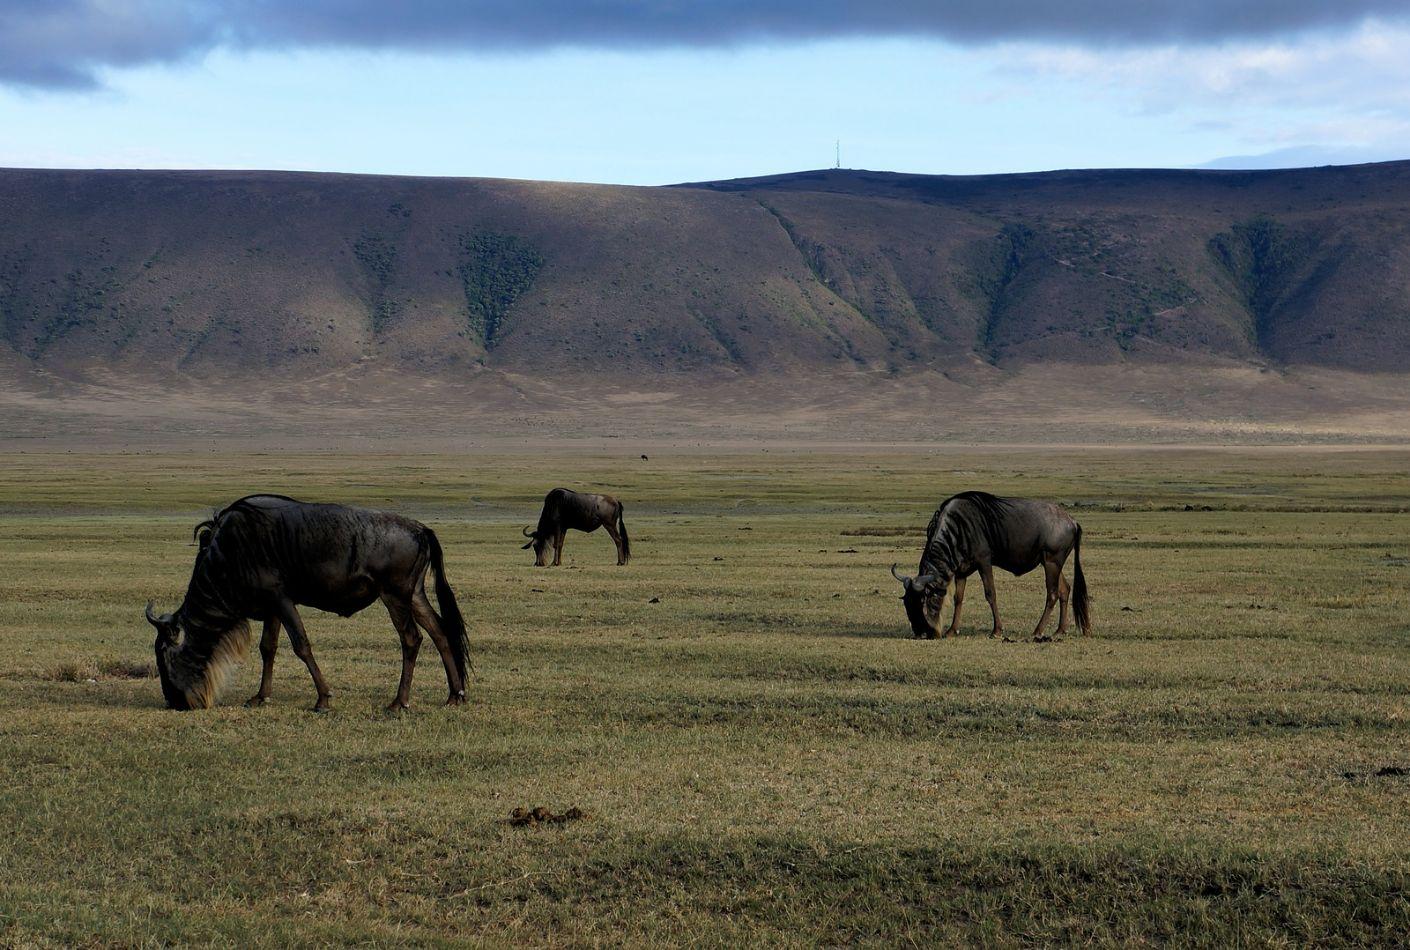 Ñus en el Cráter del Ngorongoro, Tanzania. Oferta viaje Tanzania.